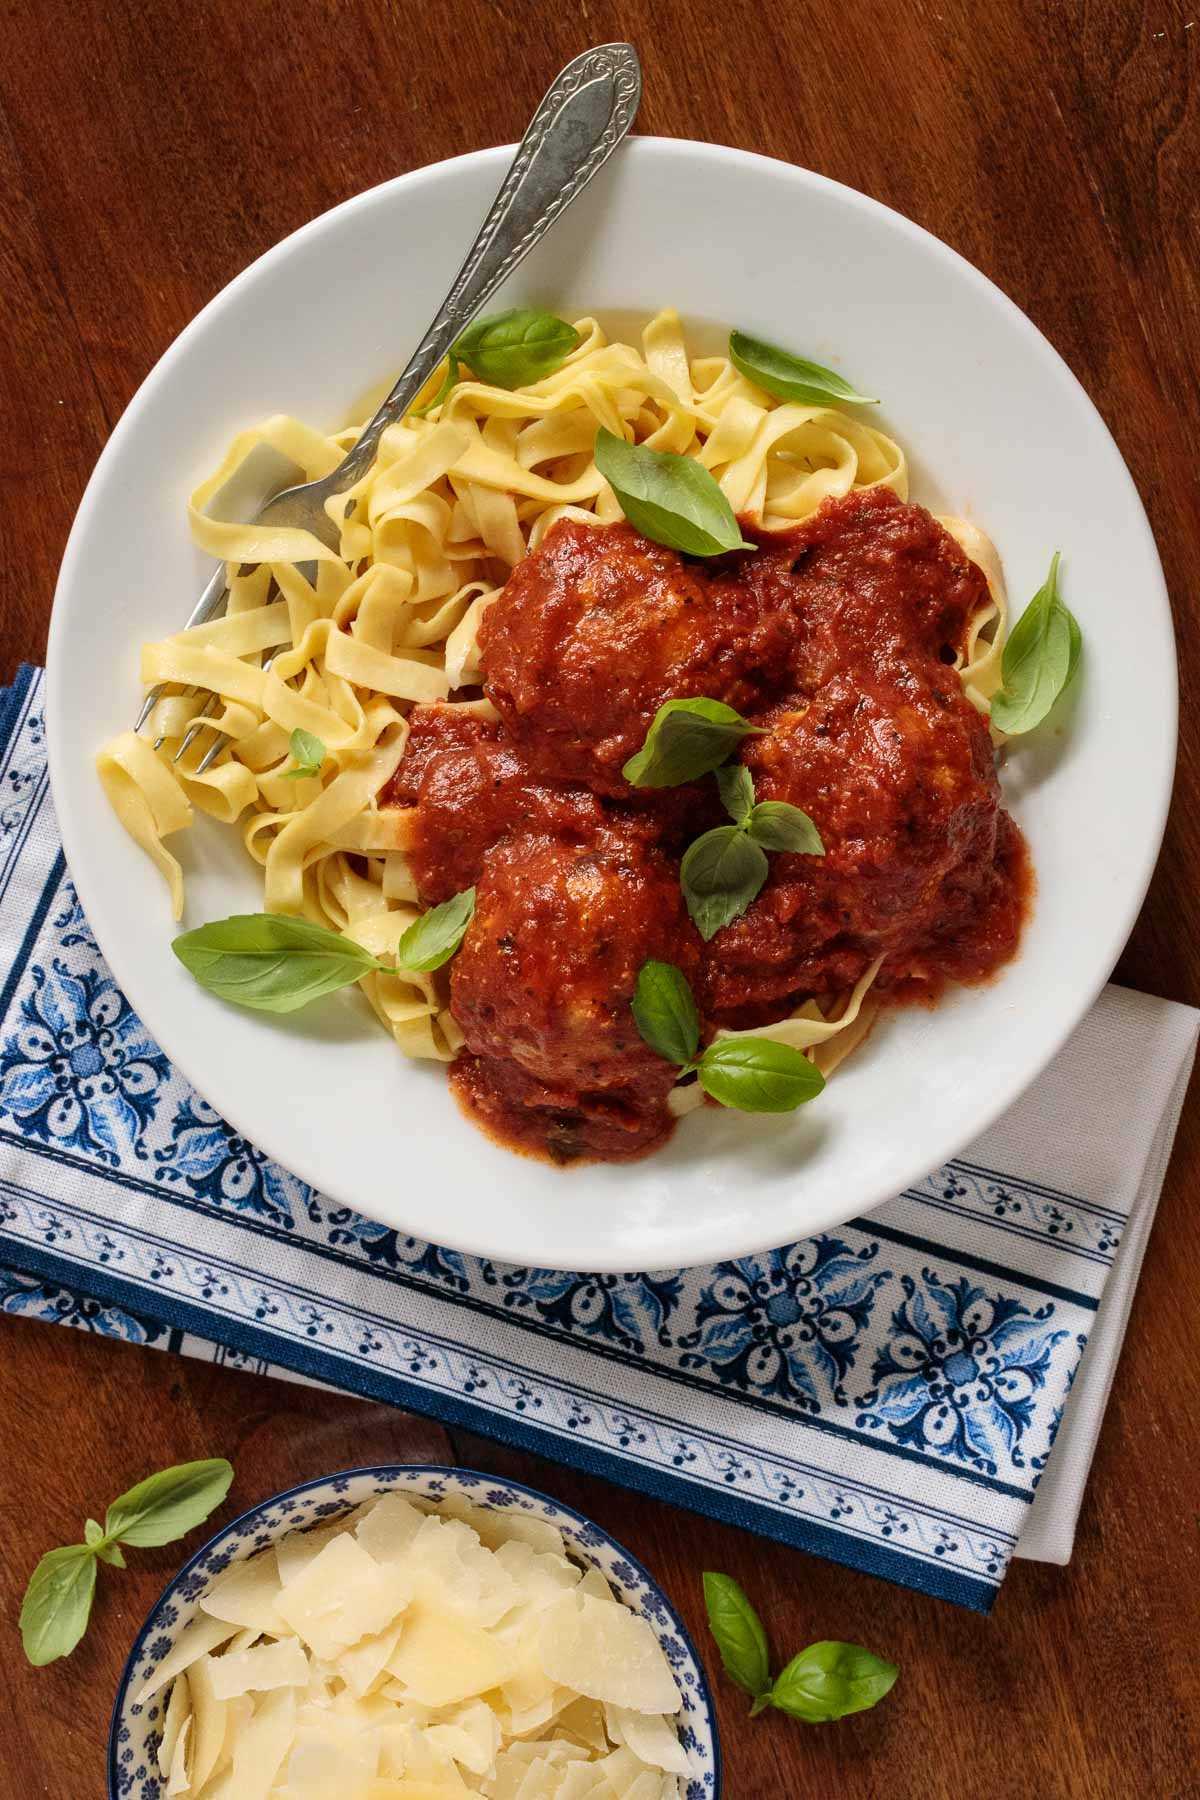 Foto de portarretrato de un tazón blanco lleno de albóndigas de pollo italiano y marinara y pasta.